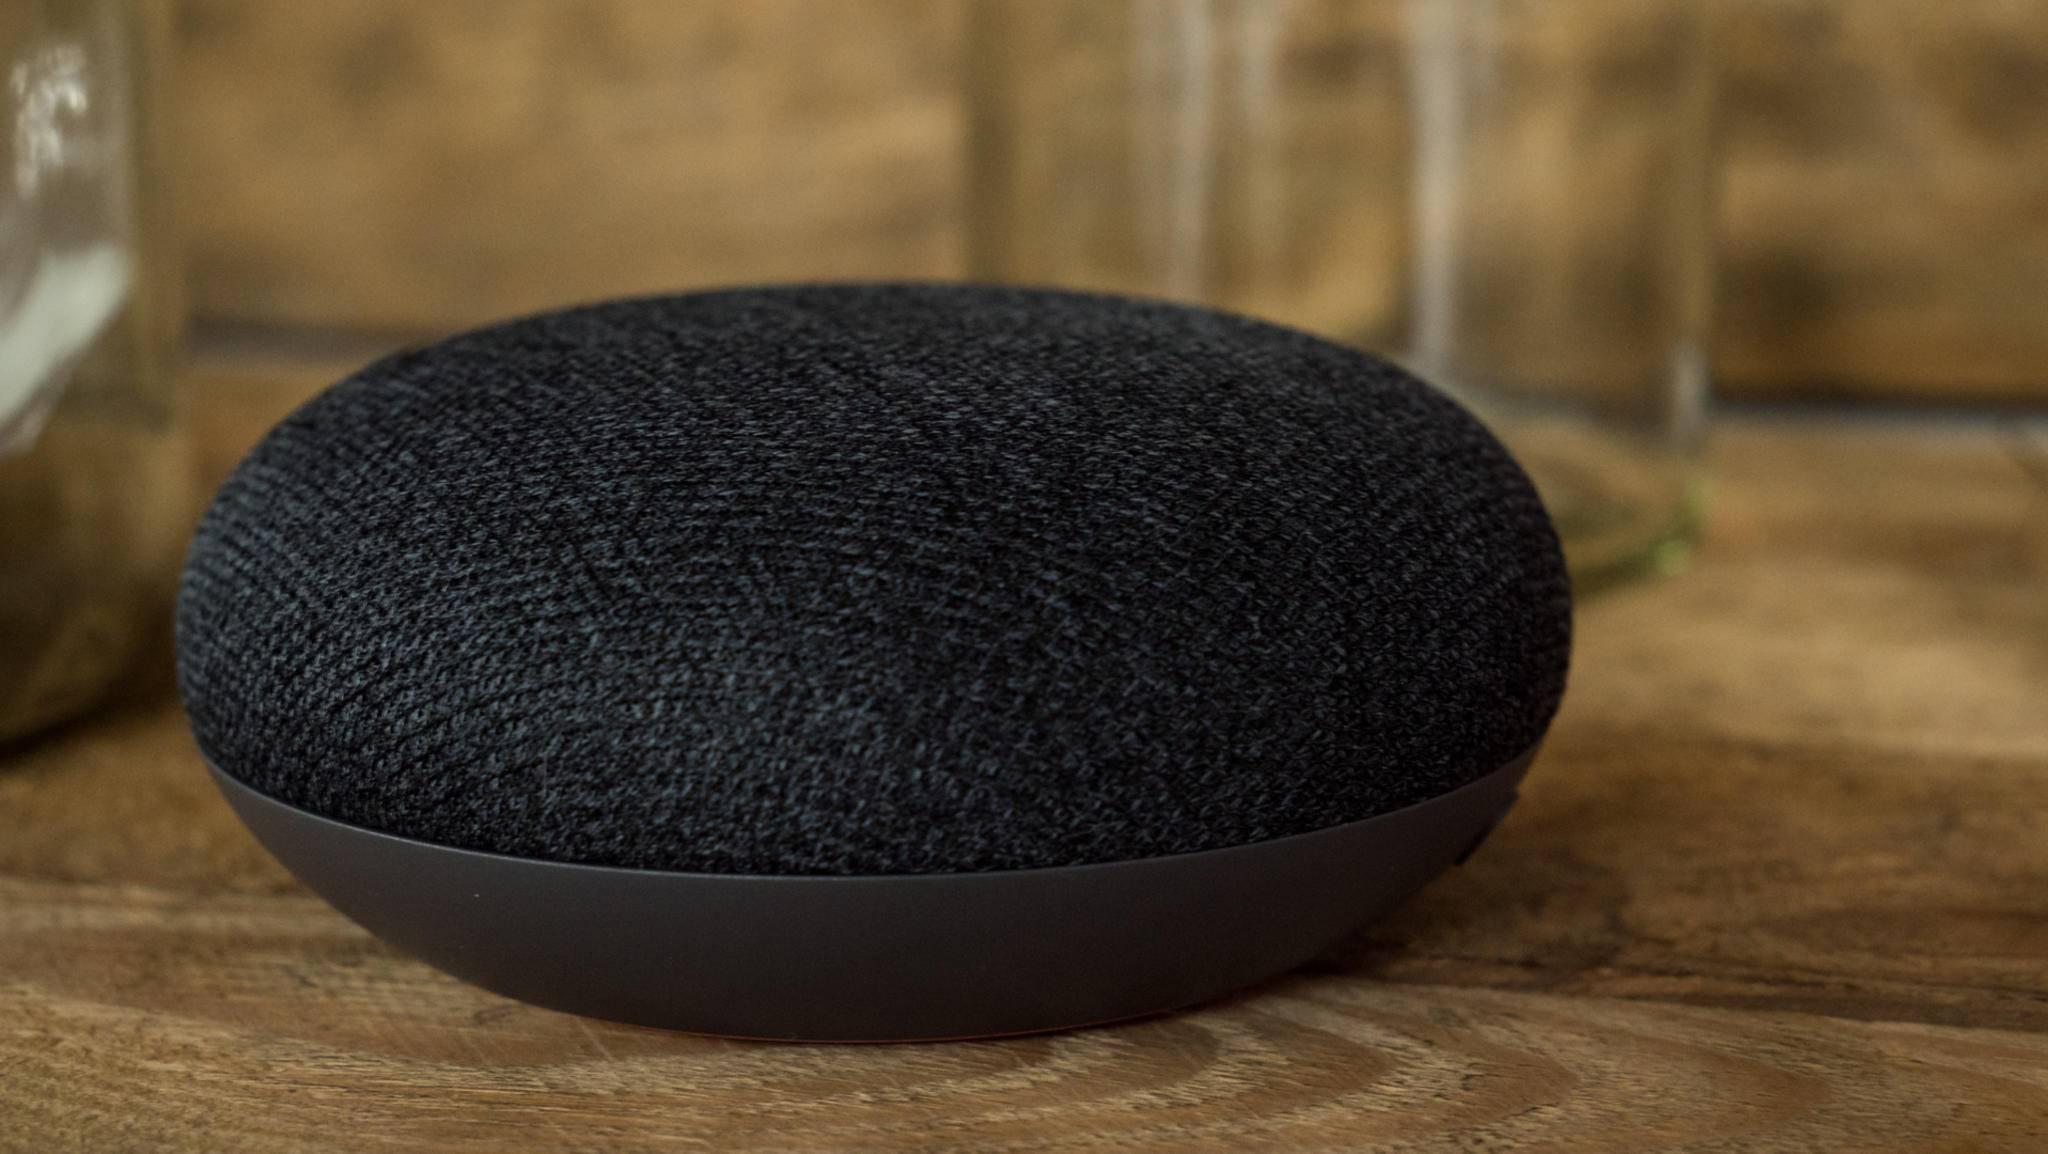 Google Home Mini verspricht vollen Funktionsumfang zum kleinen Preis.